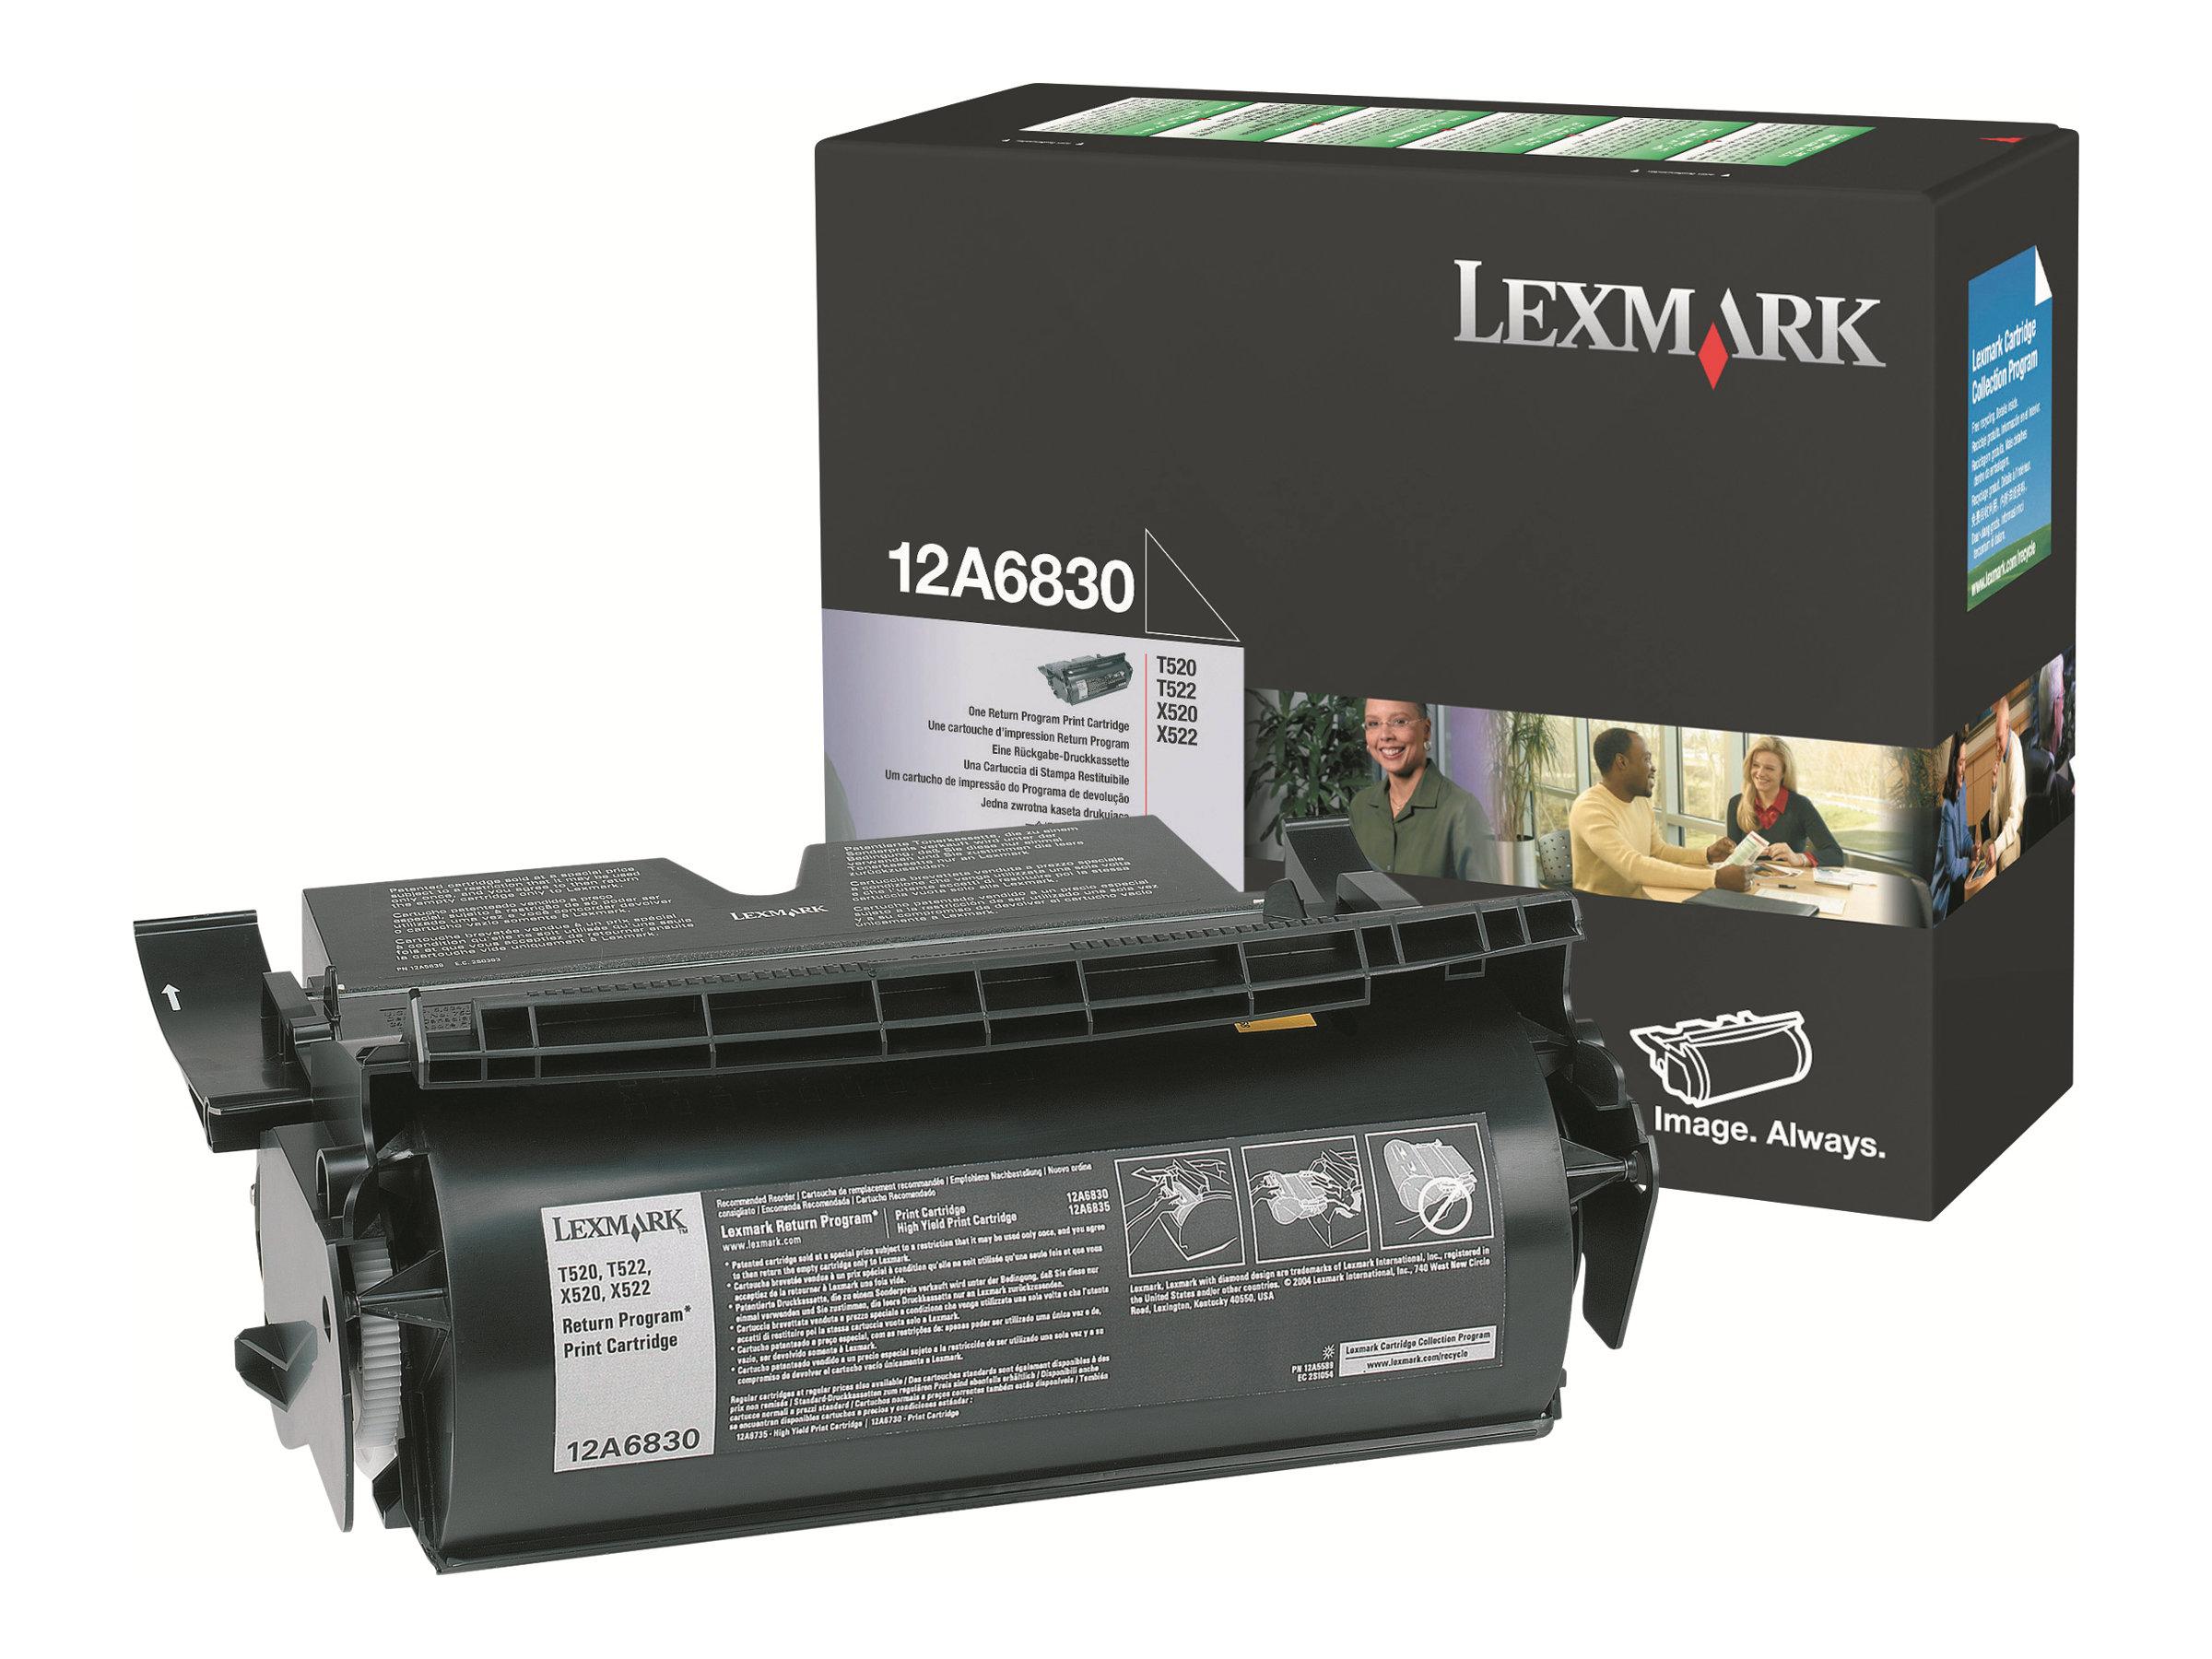 Lexmark - Schwarz - Original - Tonerpatrone - für T520, 522; X520, 522